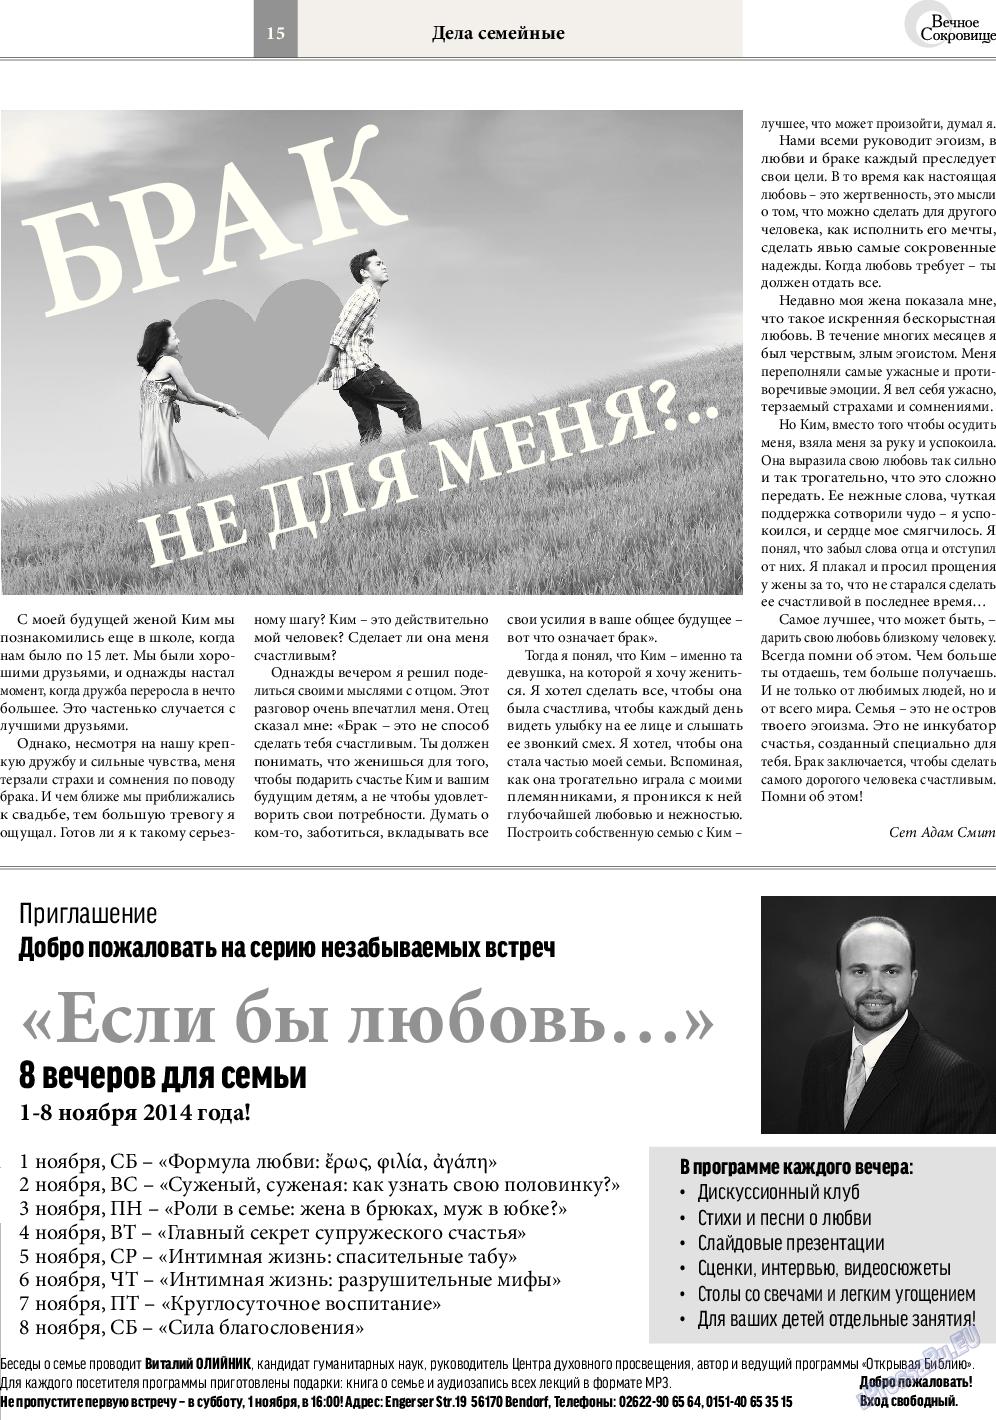 Вечное сокровище (газета). 2014 год, номер 5, стр. 15